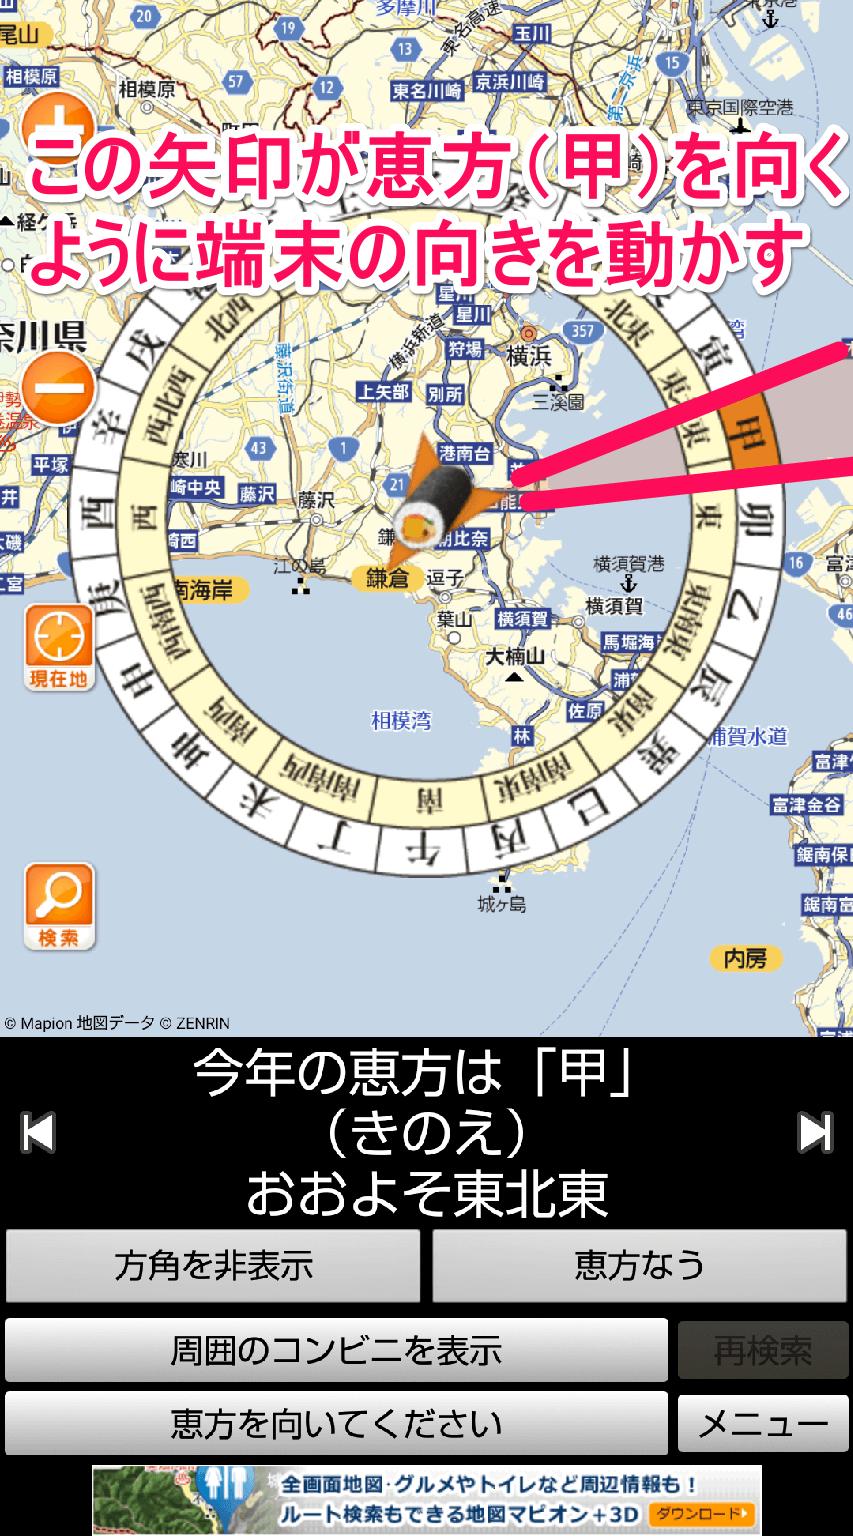 Android(アンドロイド)版&iPhone(アイフォーン)版「恵方マピオン」で現在地を表示した画面